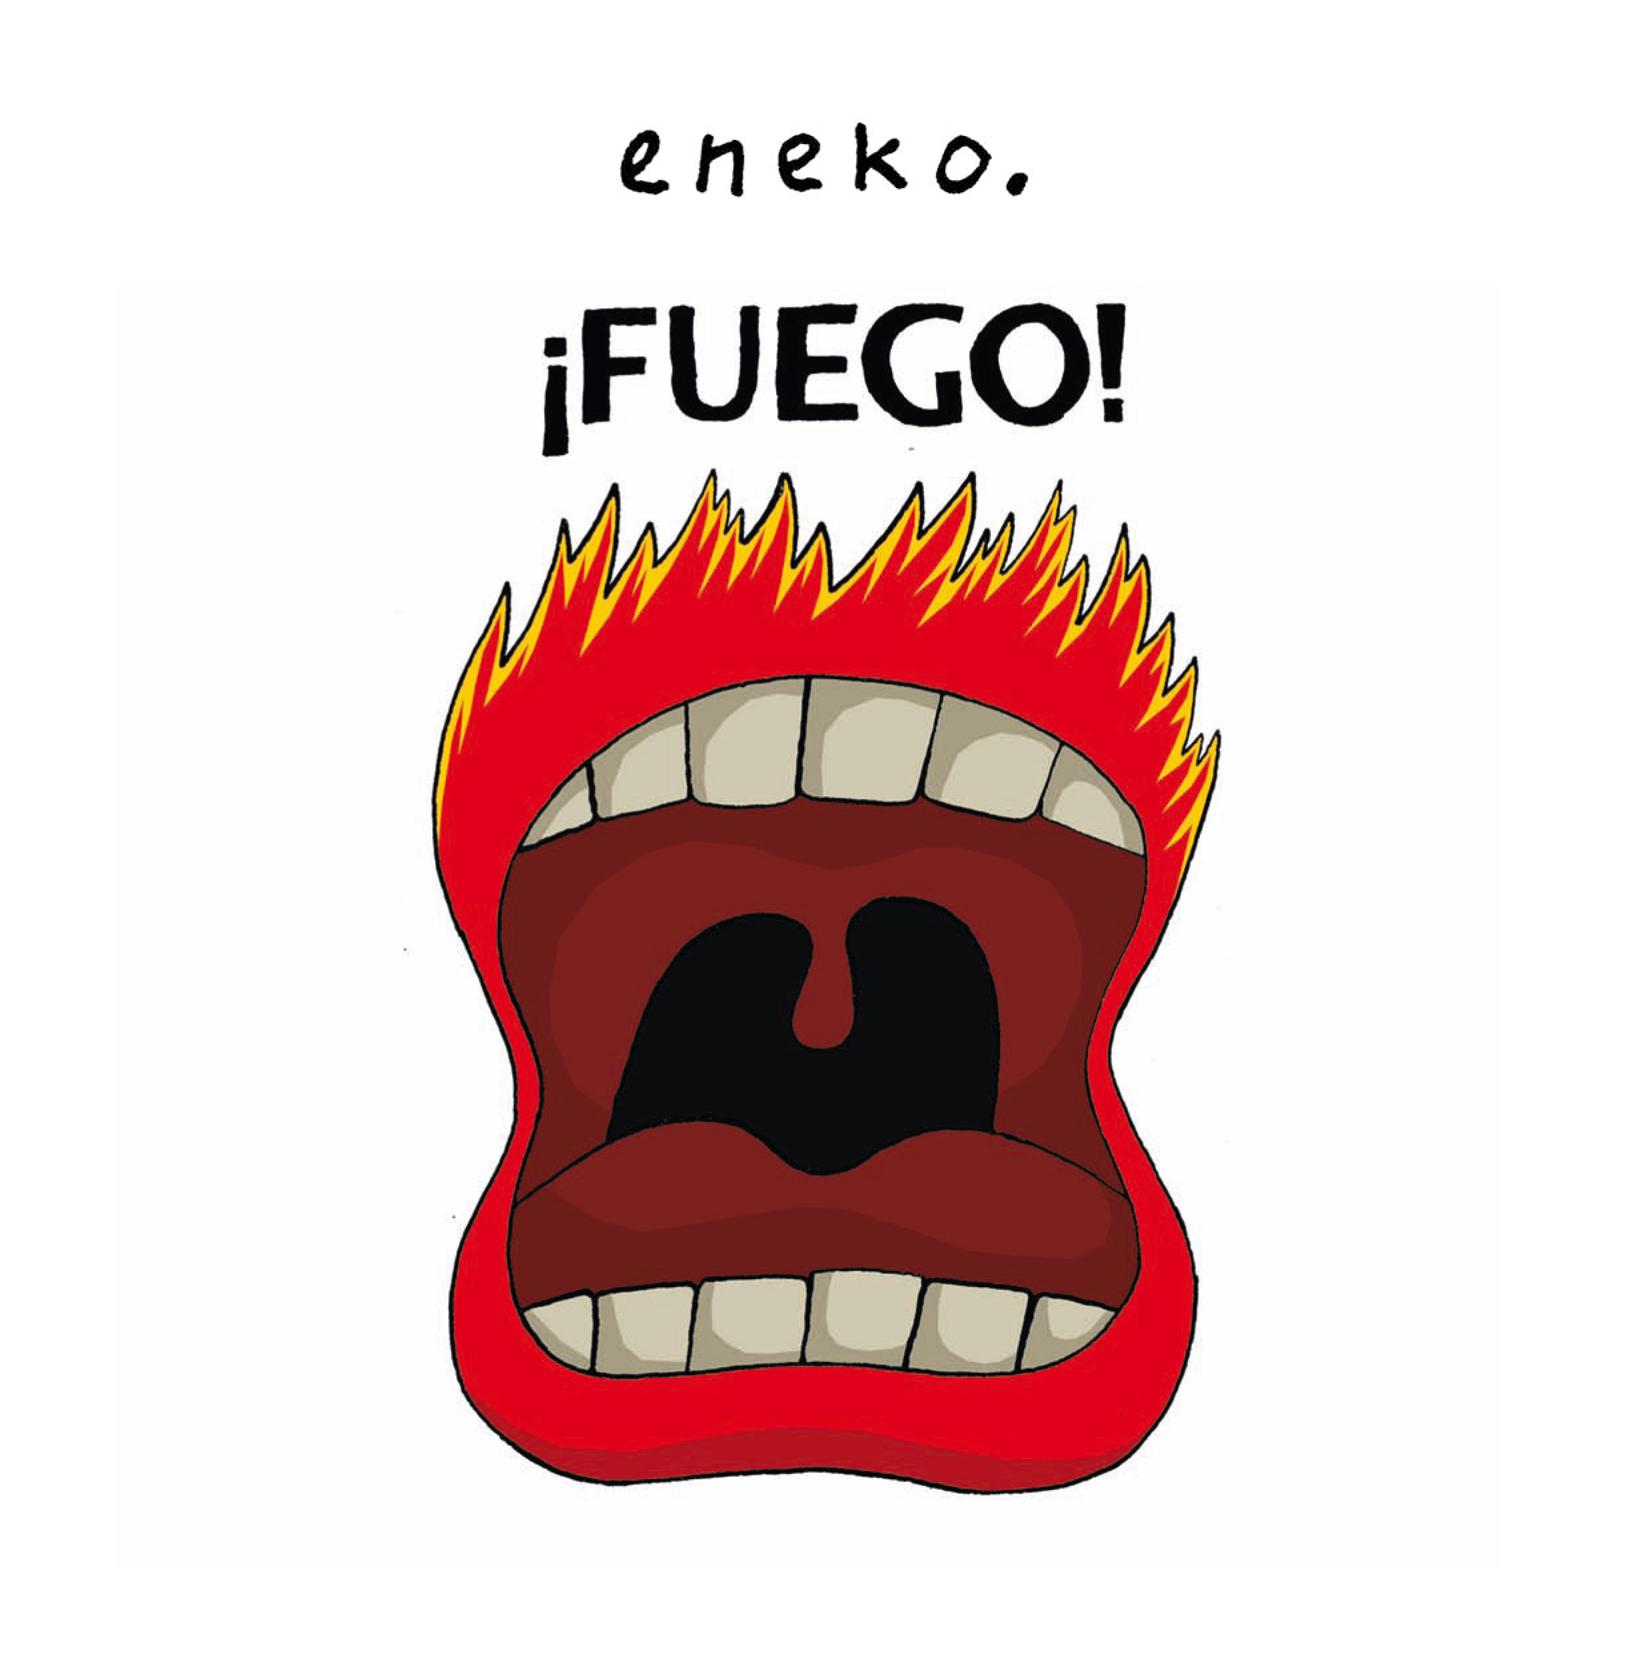 ¡Fuego!